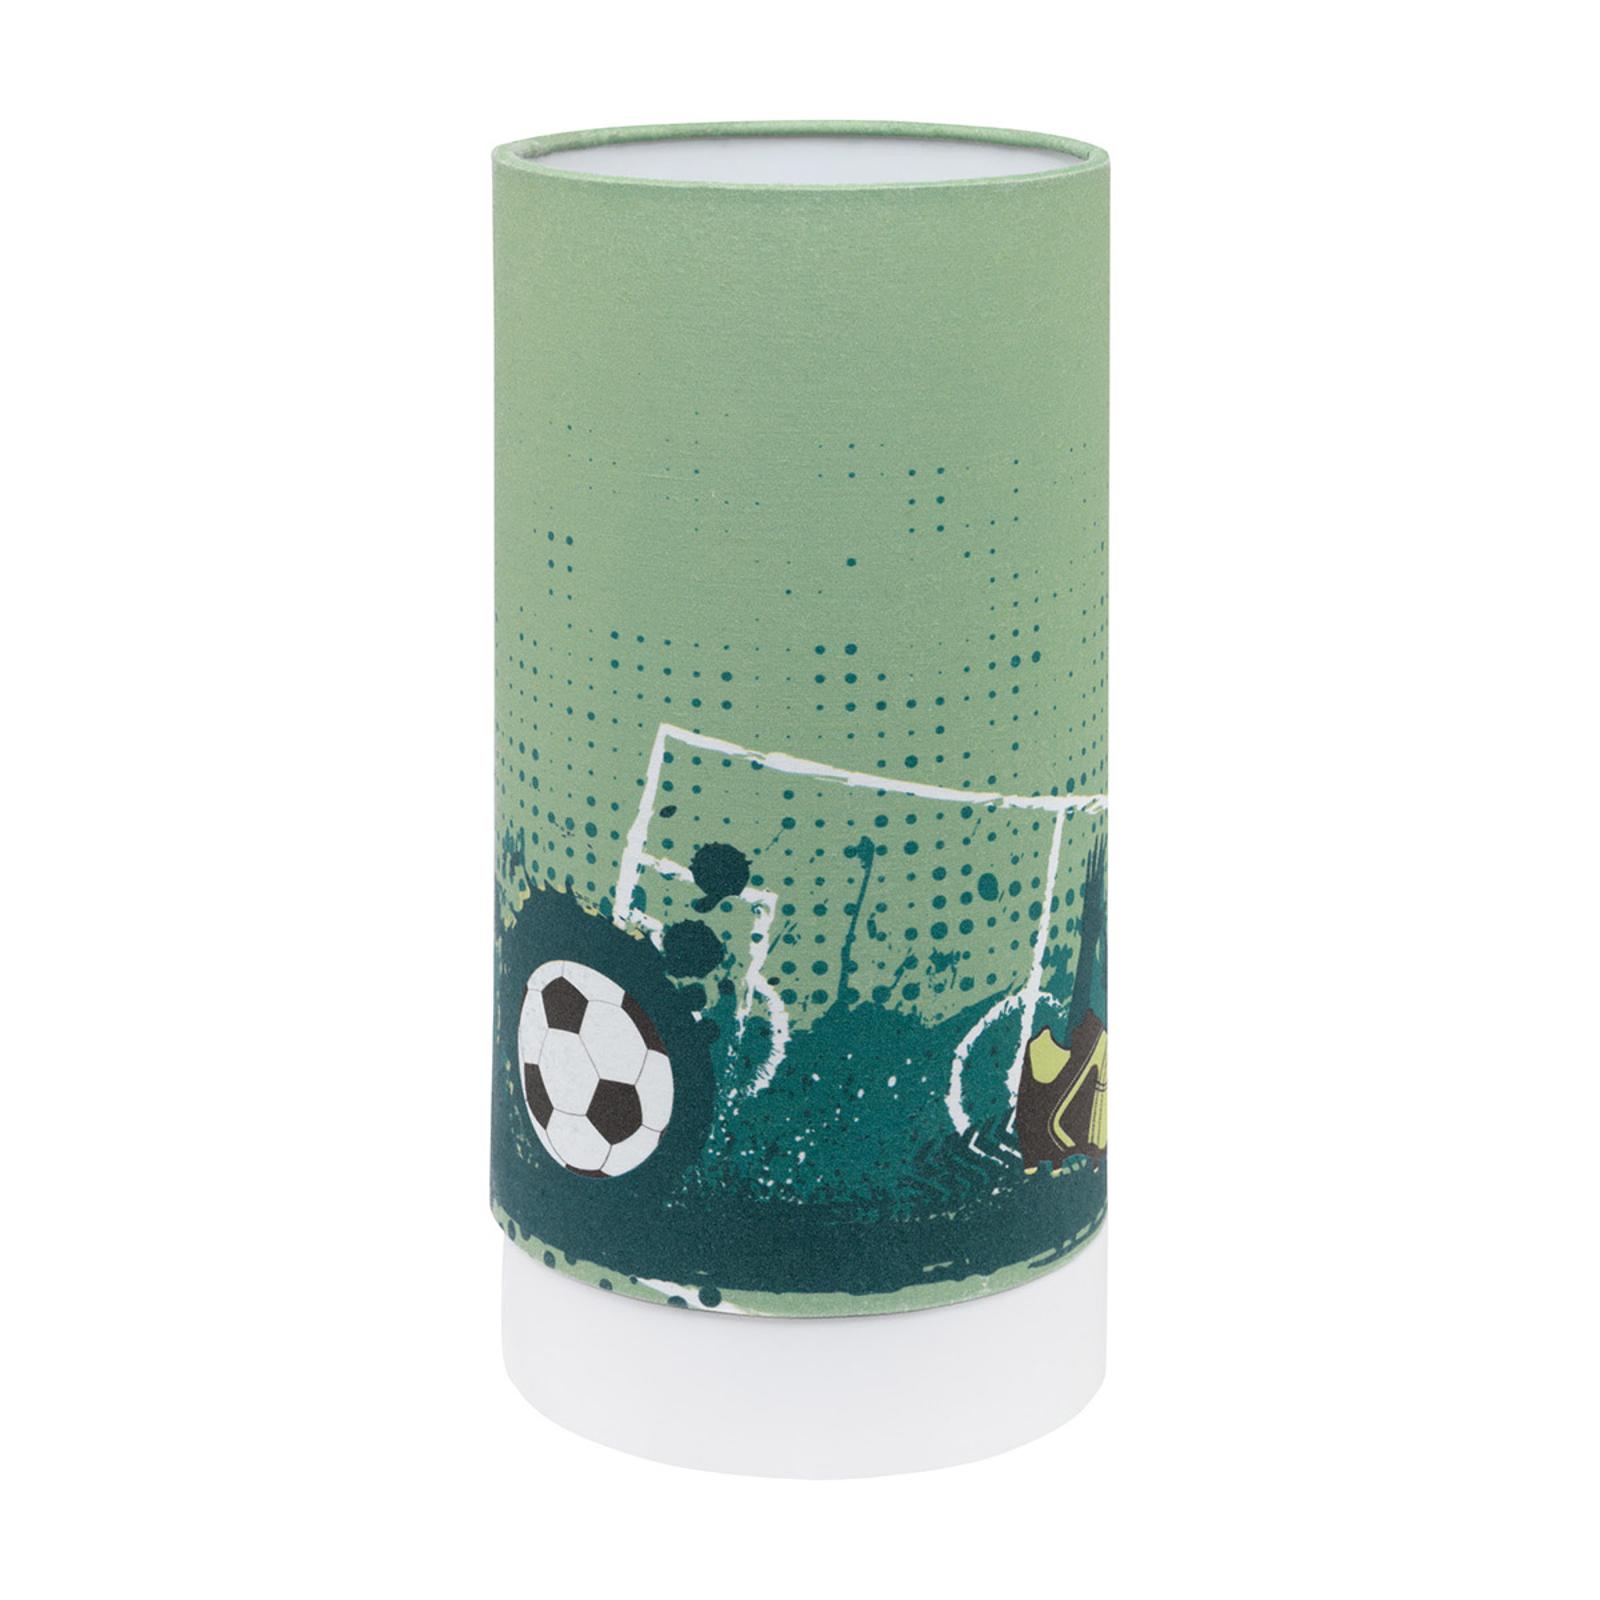 Lampa stołowa LED Tabara z motywem piłkarskim